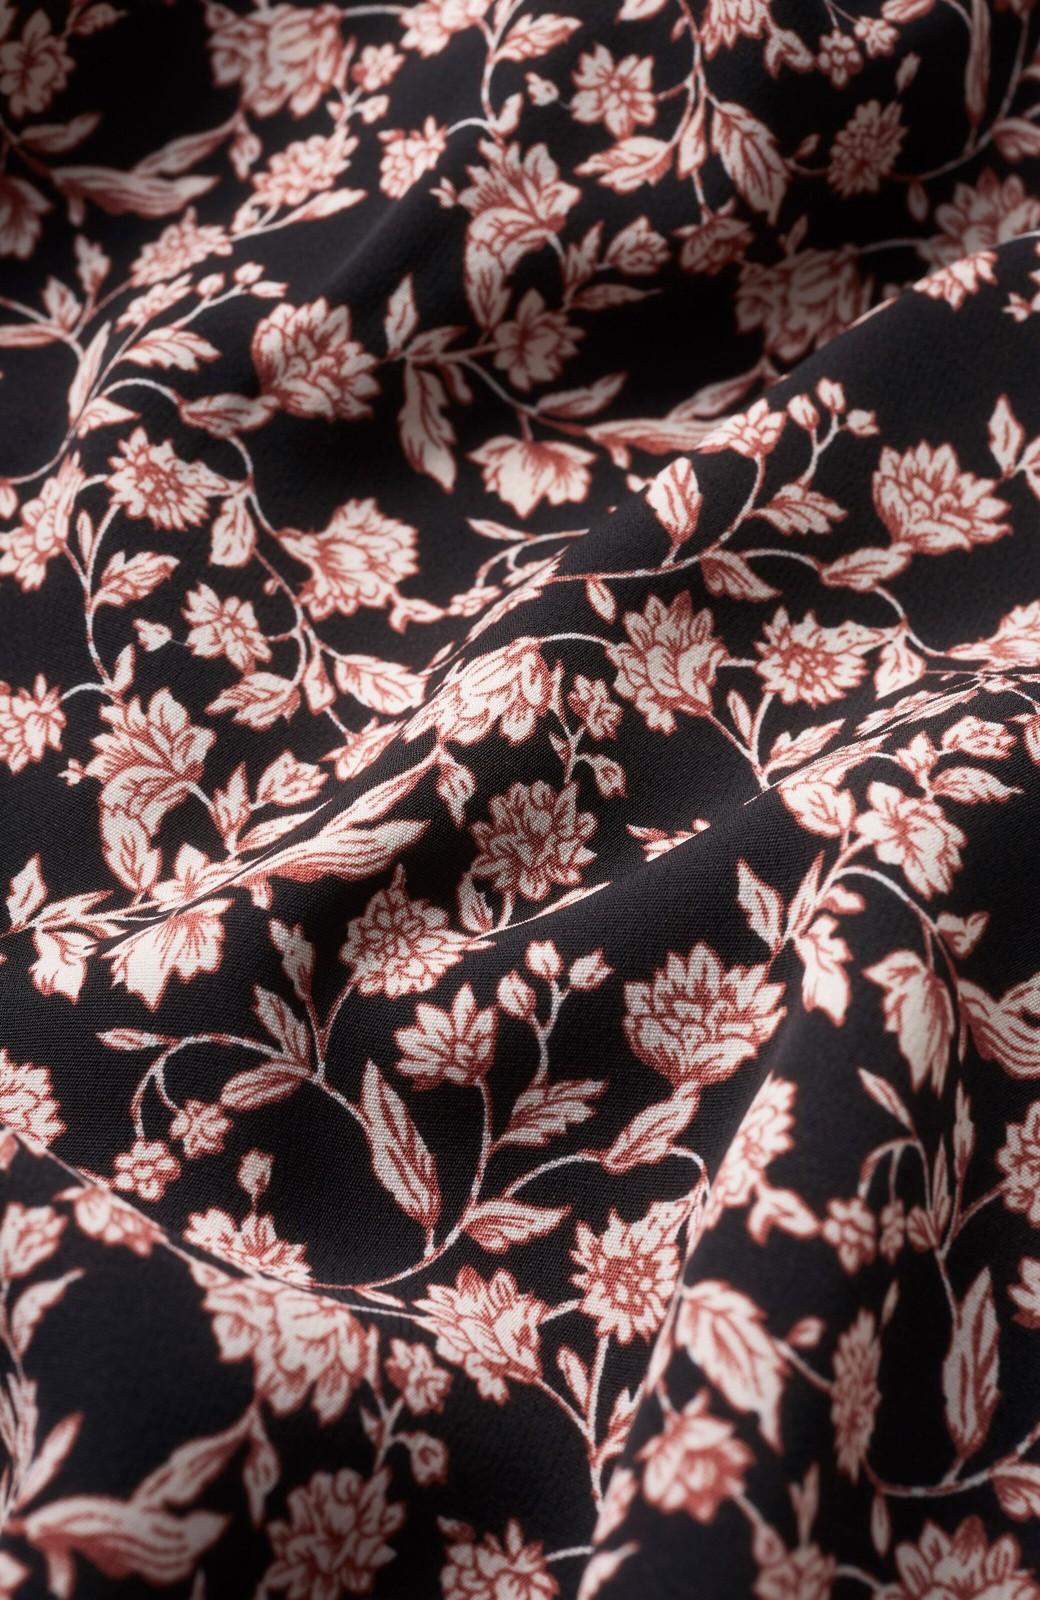 haco! さっと着てコーデが華やぐ 重ね着しても羽織ってもかわいいフレアー袖にキュンとする花柄ワンピース <ブラック系その他>の商品写真4